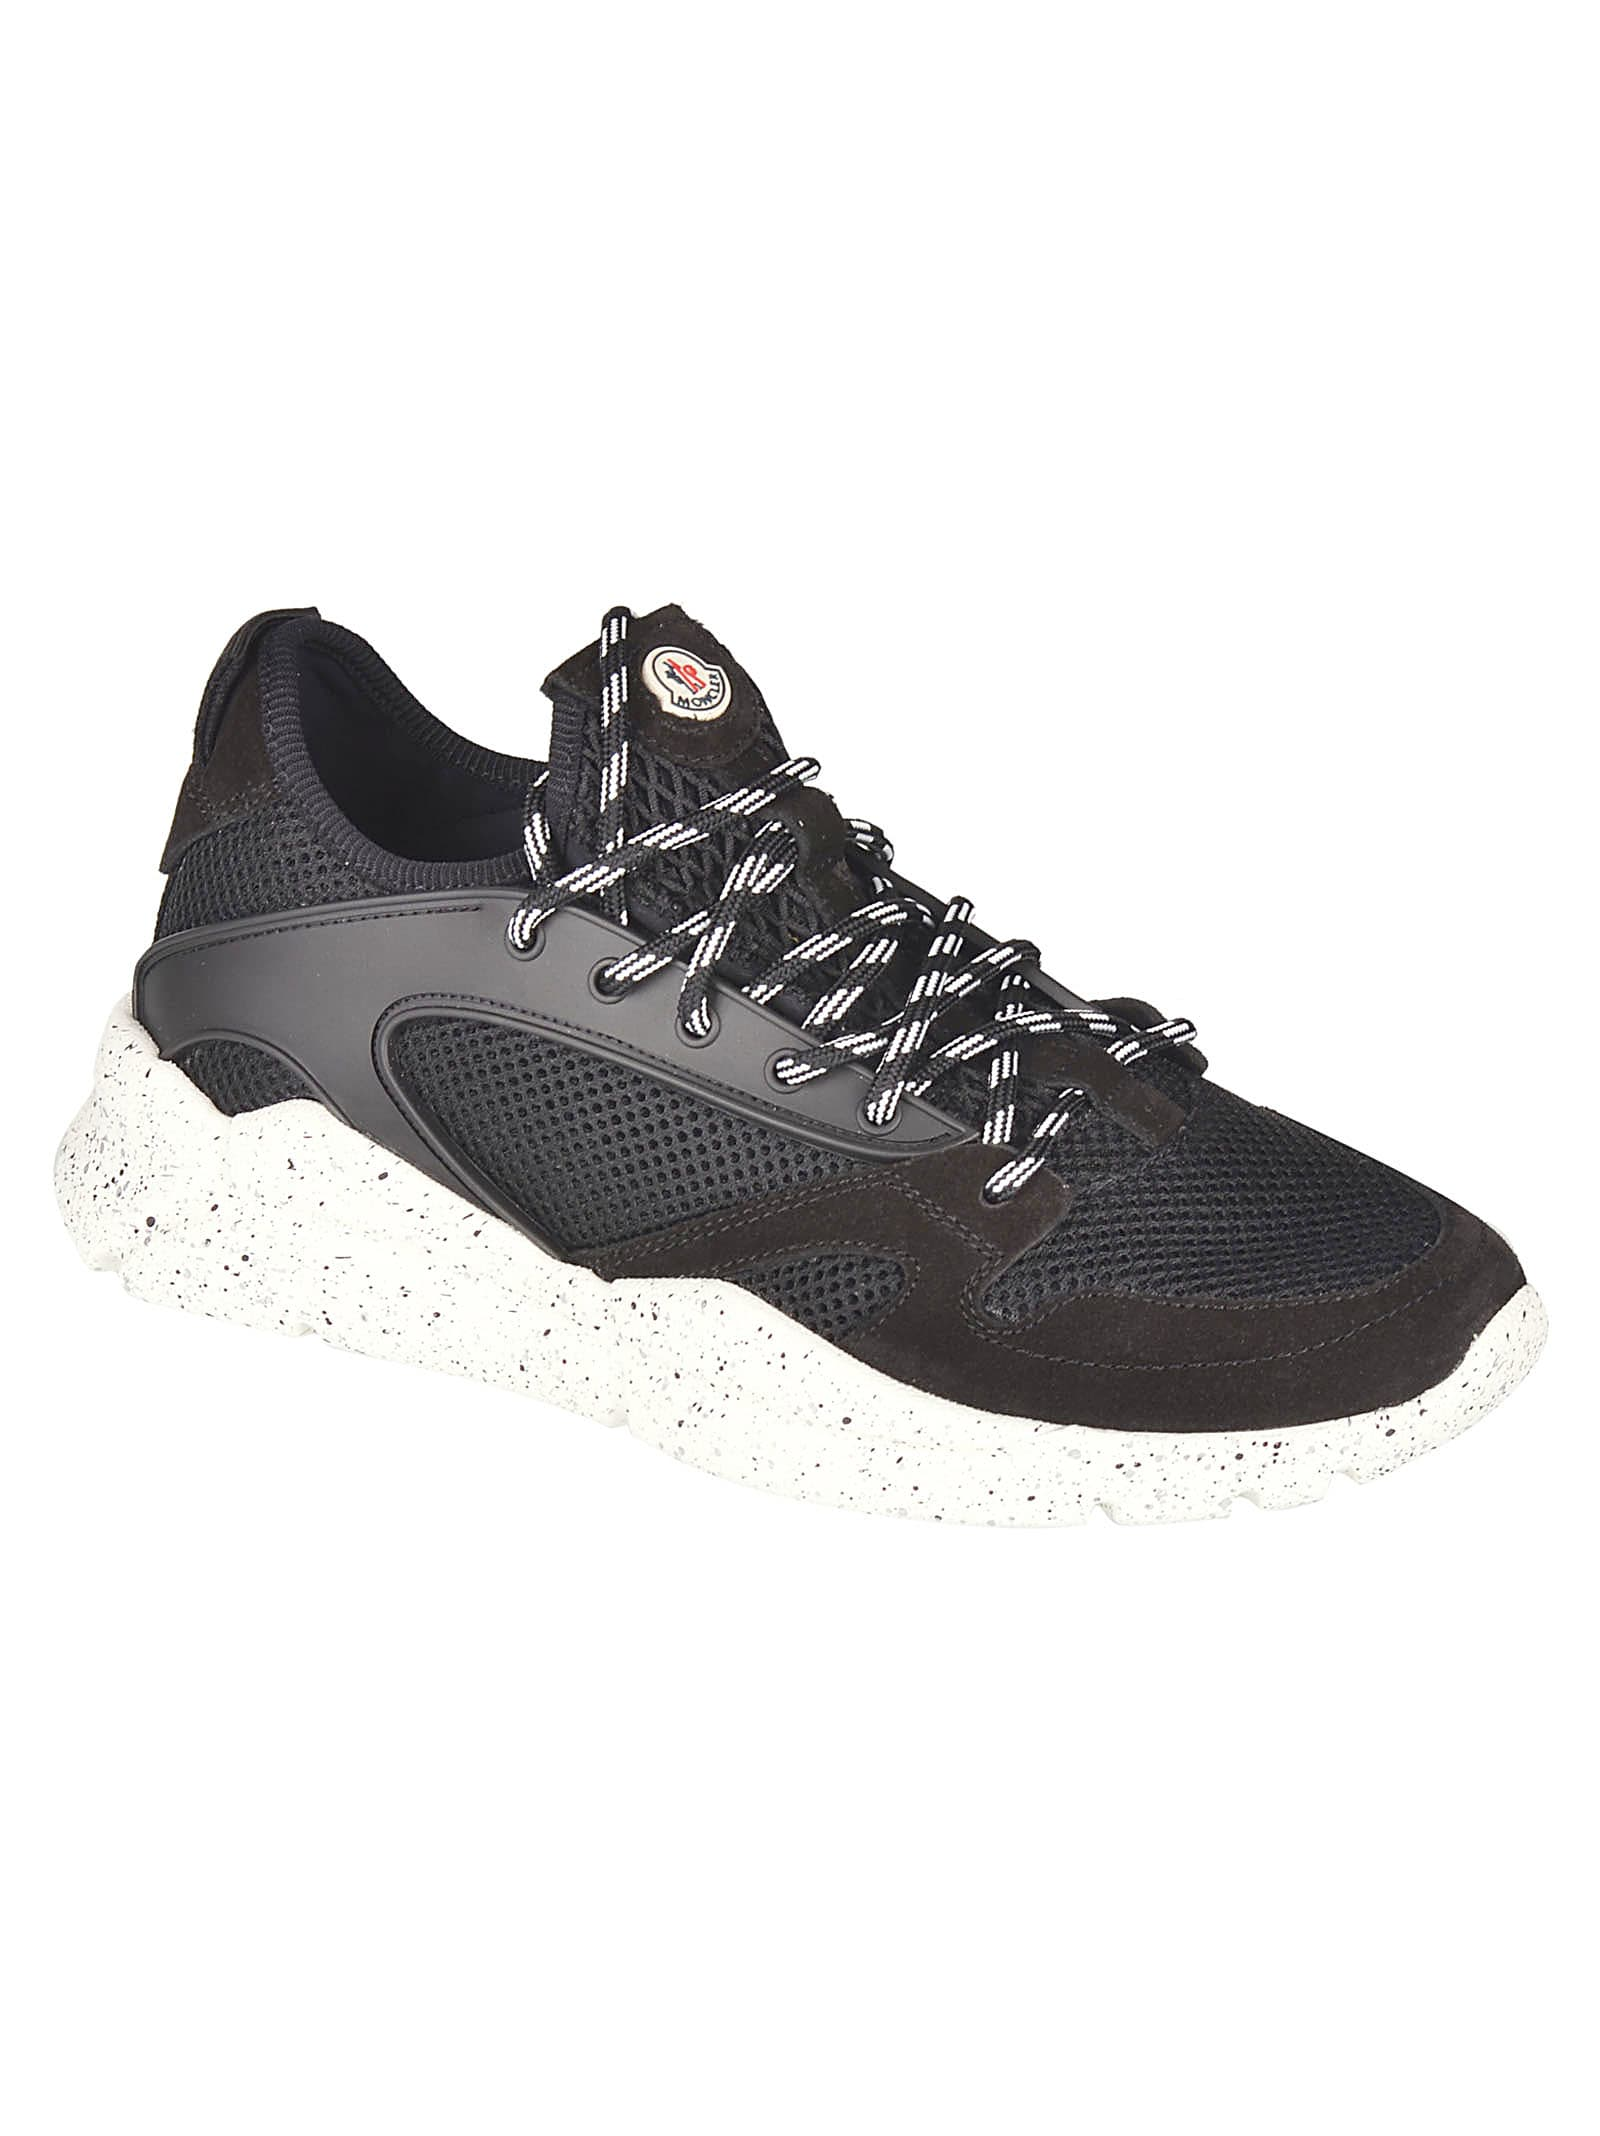 Moncler Sneakers   italist, ALWAYS LIKE